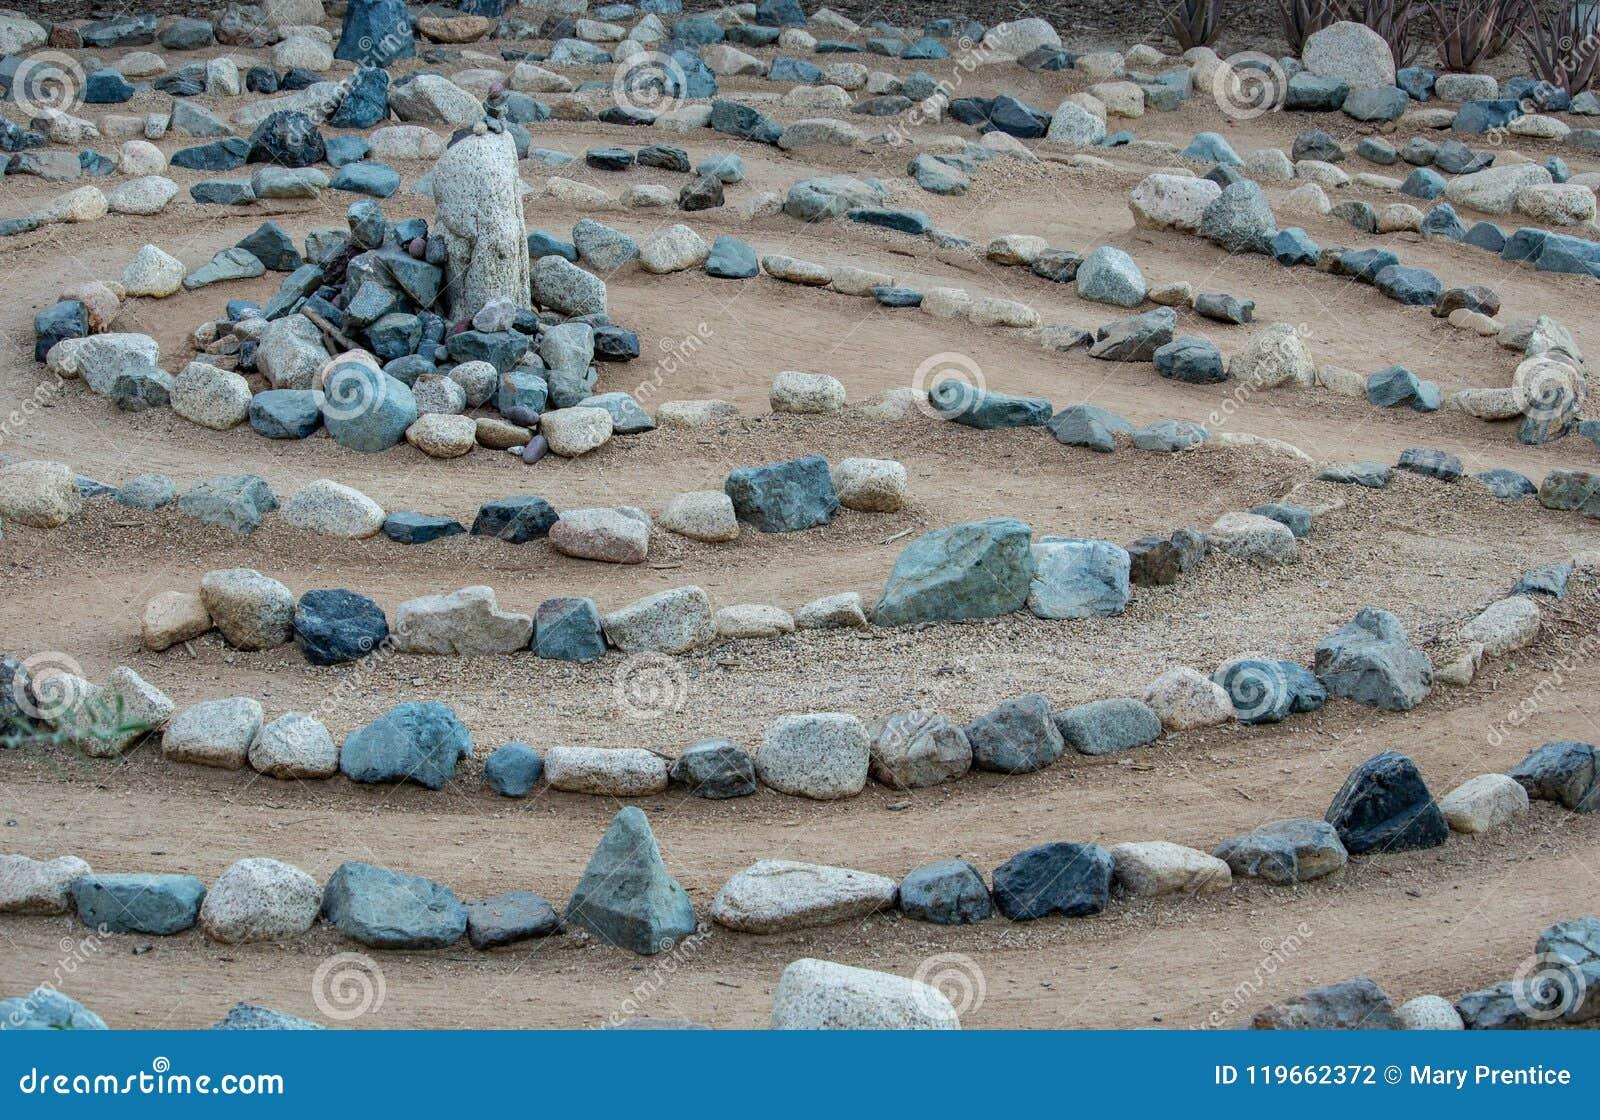 Het traditionele die labyrint van het natuursteenlabyrint maakte voor overpeinzing en verering, met rotsen in schaduwen van blauw